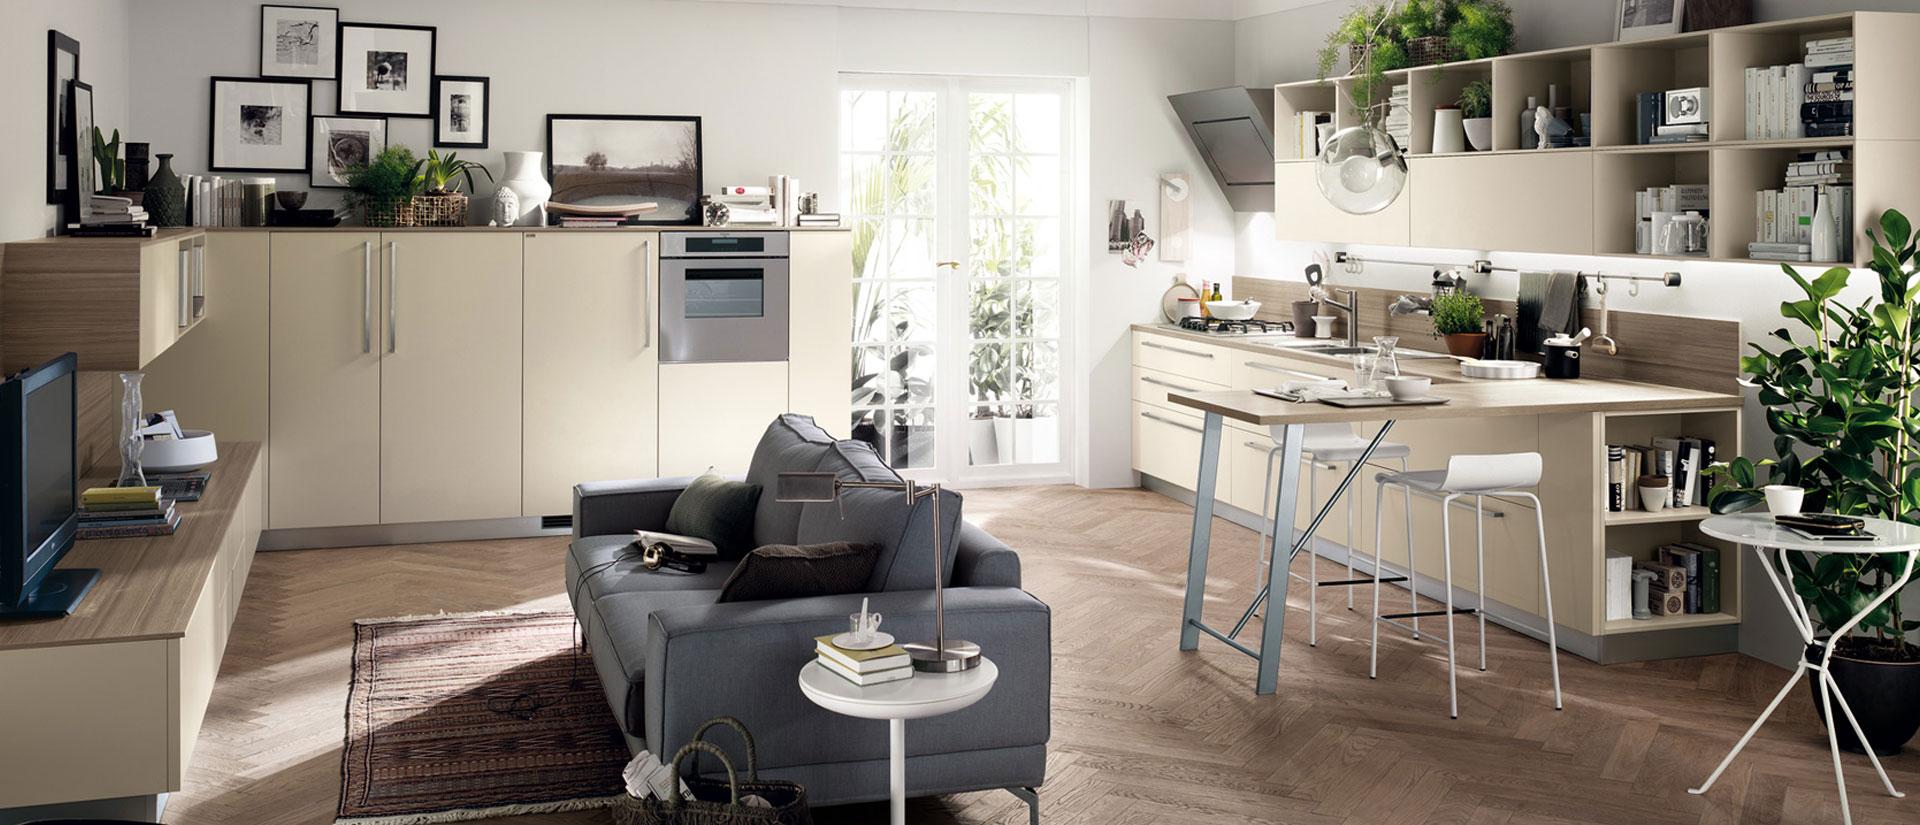 Cucina scavolini feel ambiente dedicato al tuo mondo di for Arredo cucina design